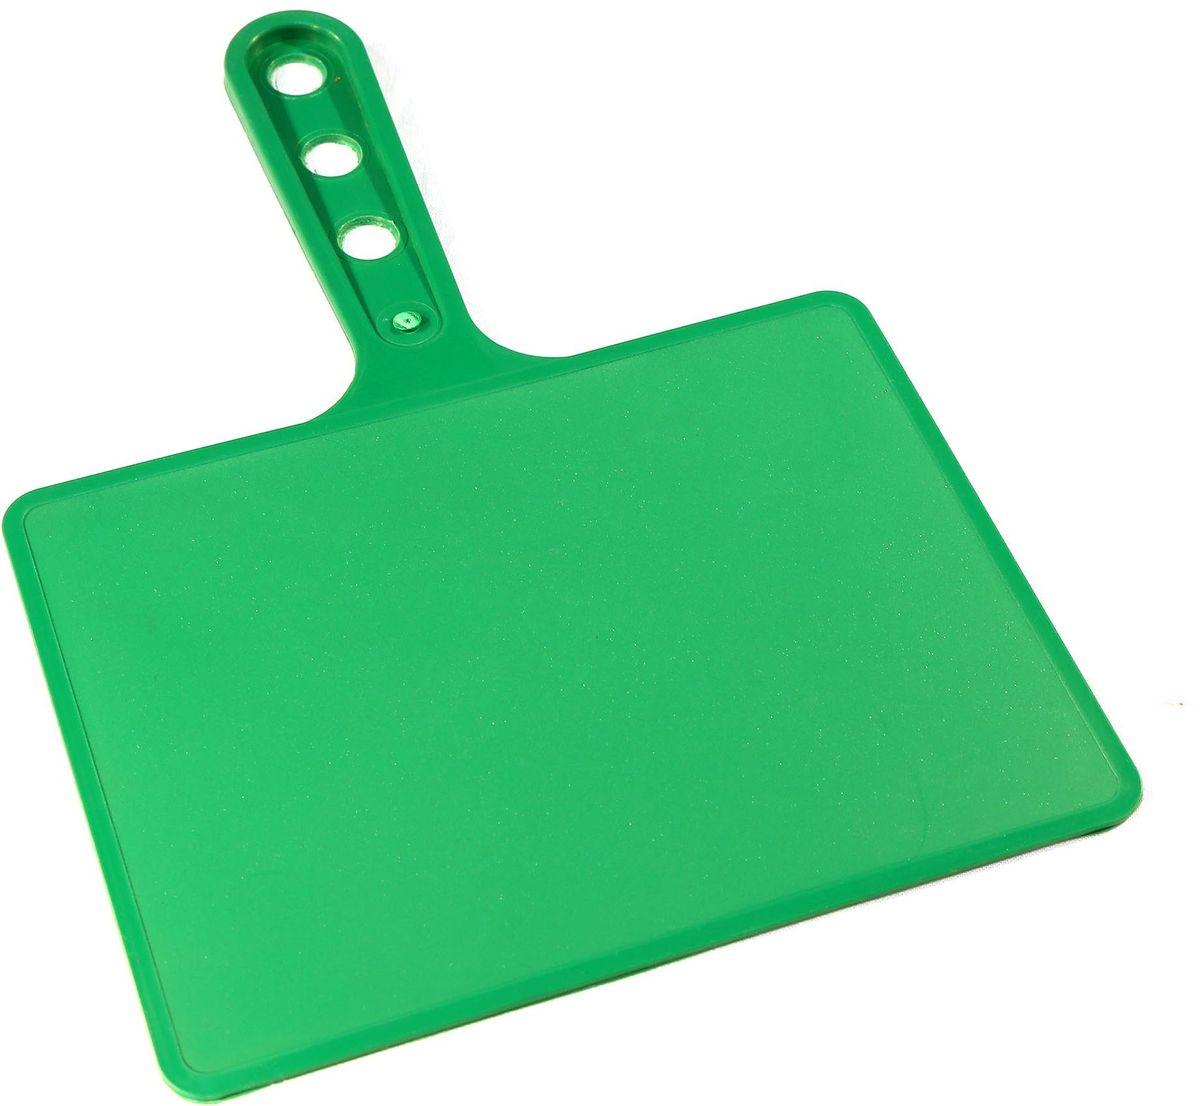 Веер для мангала BG, цвет: зеленый. 15018119201Предназначен для раздува углей в мангале. Изготовлен из высококачественного пластика(ПЭНД), одна сторона глянец, вторая шагрень. Ручка имеет 3 отверстия. Можно использовать как разделочную доску для мяса, нарезки овощей или хлеба. Рабочая поверхность выполнена в виде прямоугольника, размер: 197 х 148 мм.